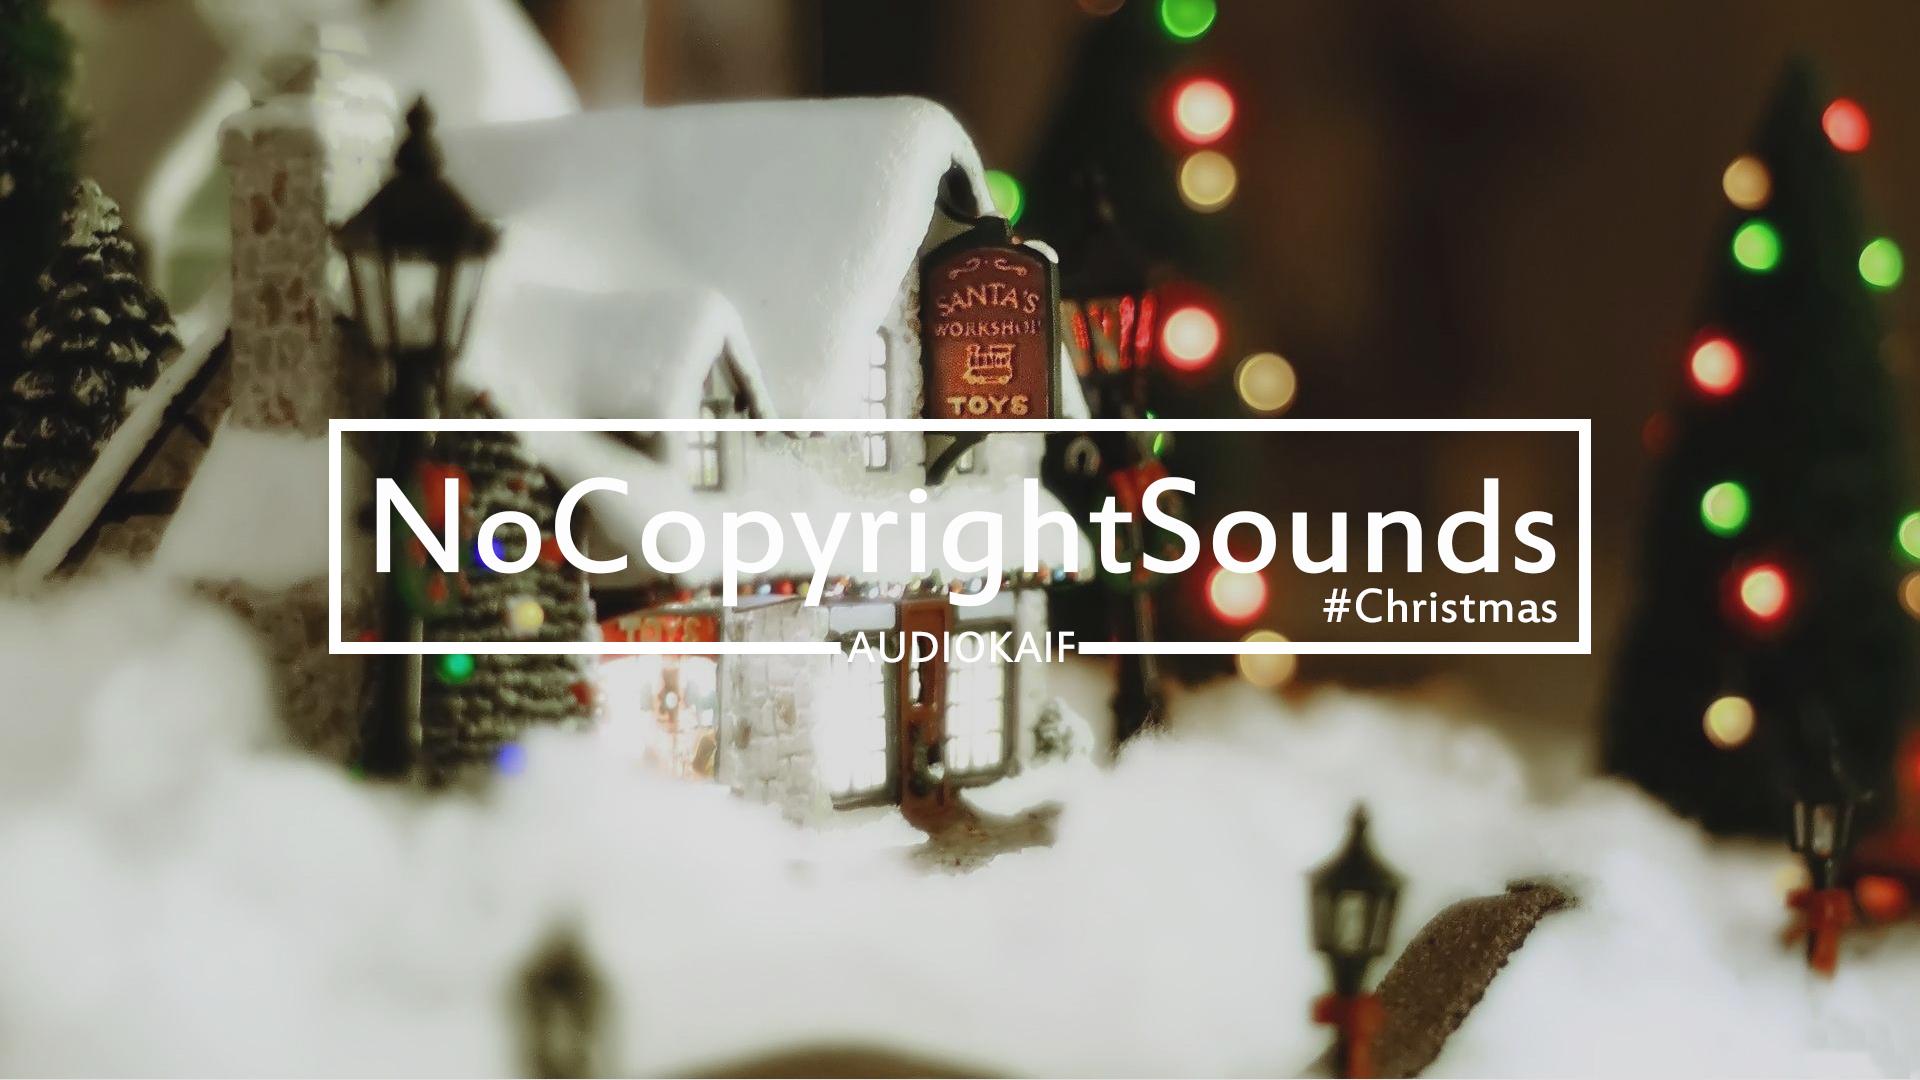 Рождественские песни для видеоблога, влога, видео | Музыка без авторских прав